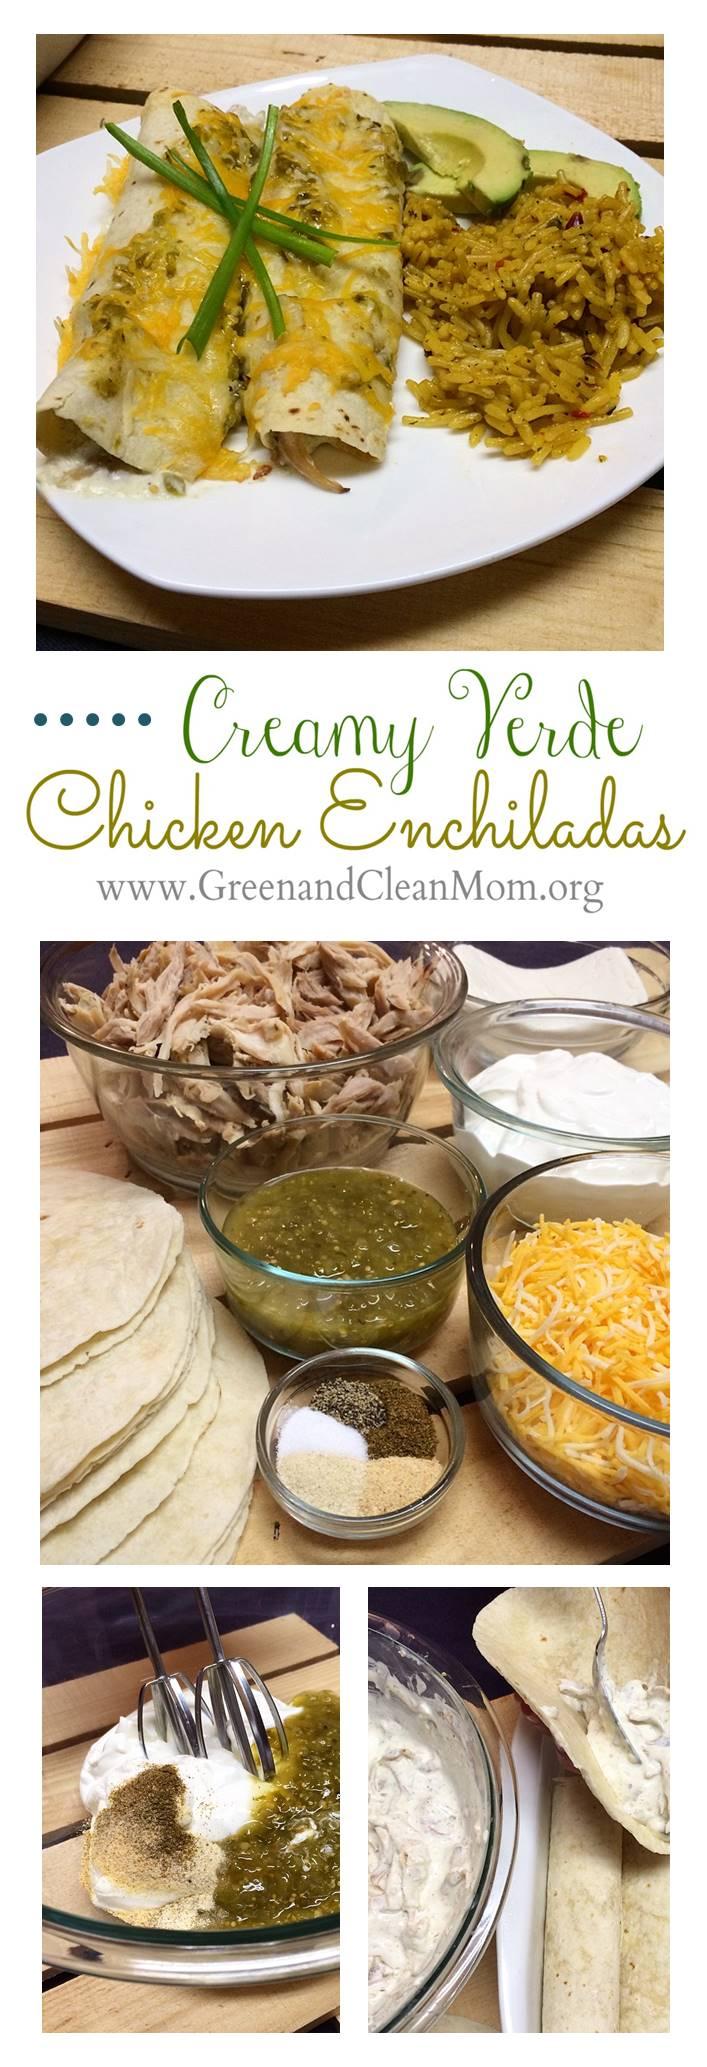 Verde Creamy Chicken Enchiladas